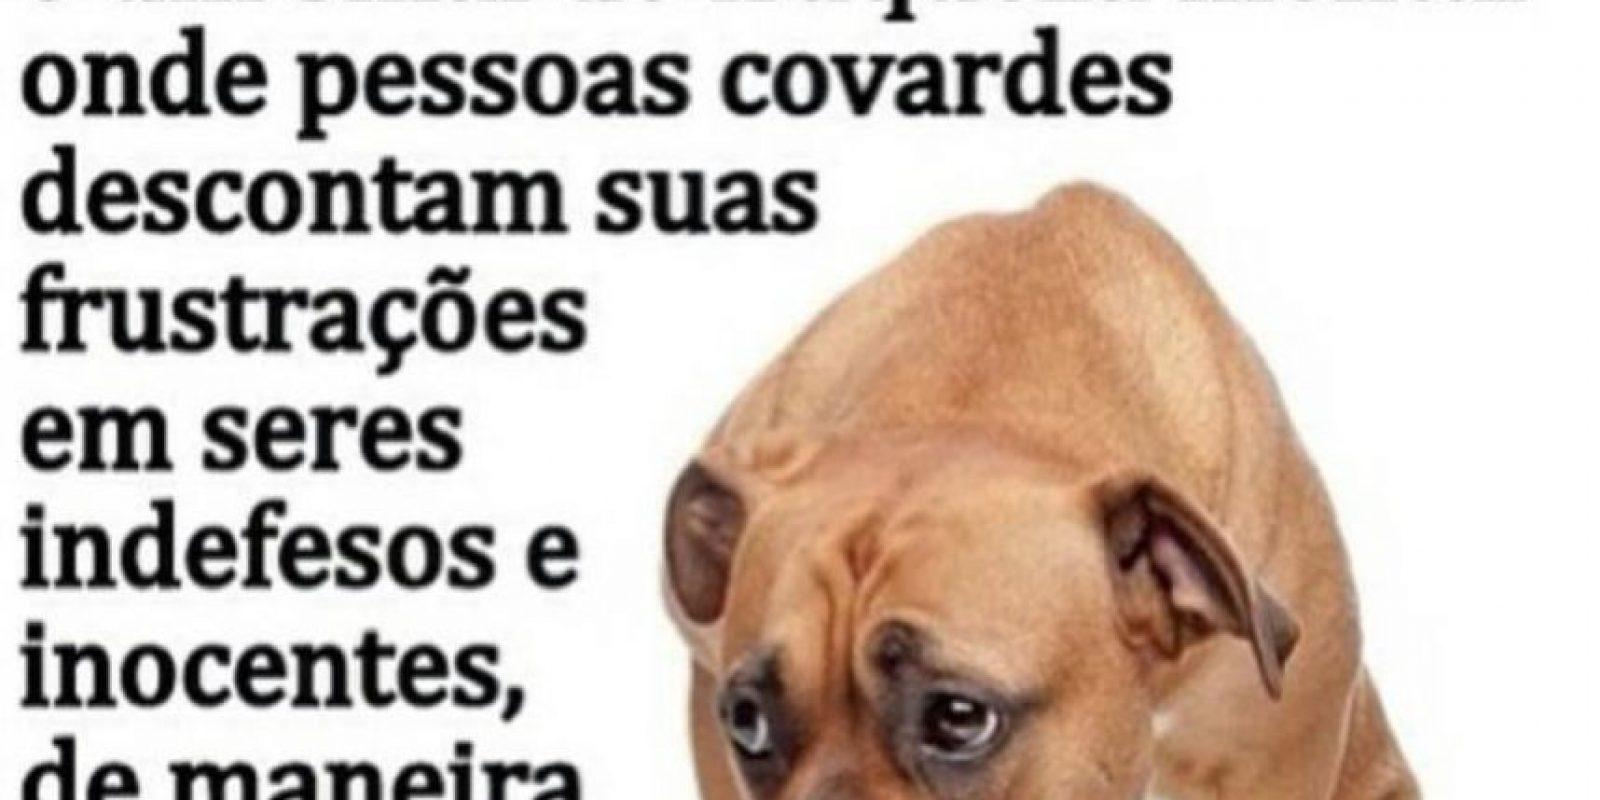 Por esta razón los animalistas acudirán a nuevas instancias legales. Foto:Facebook